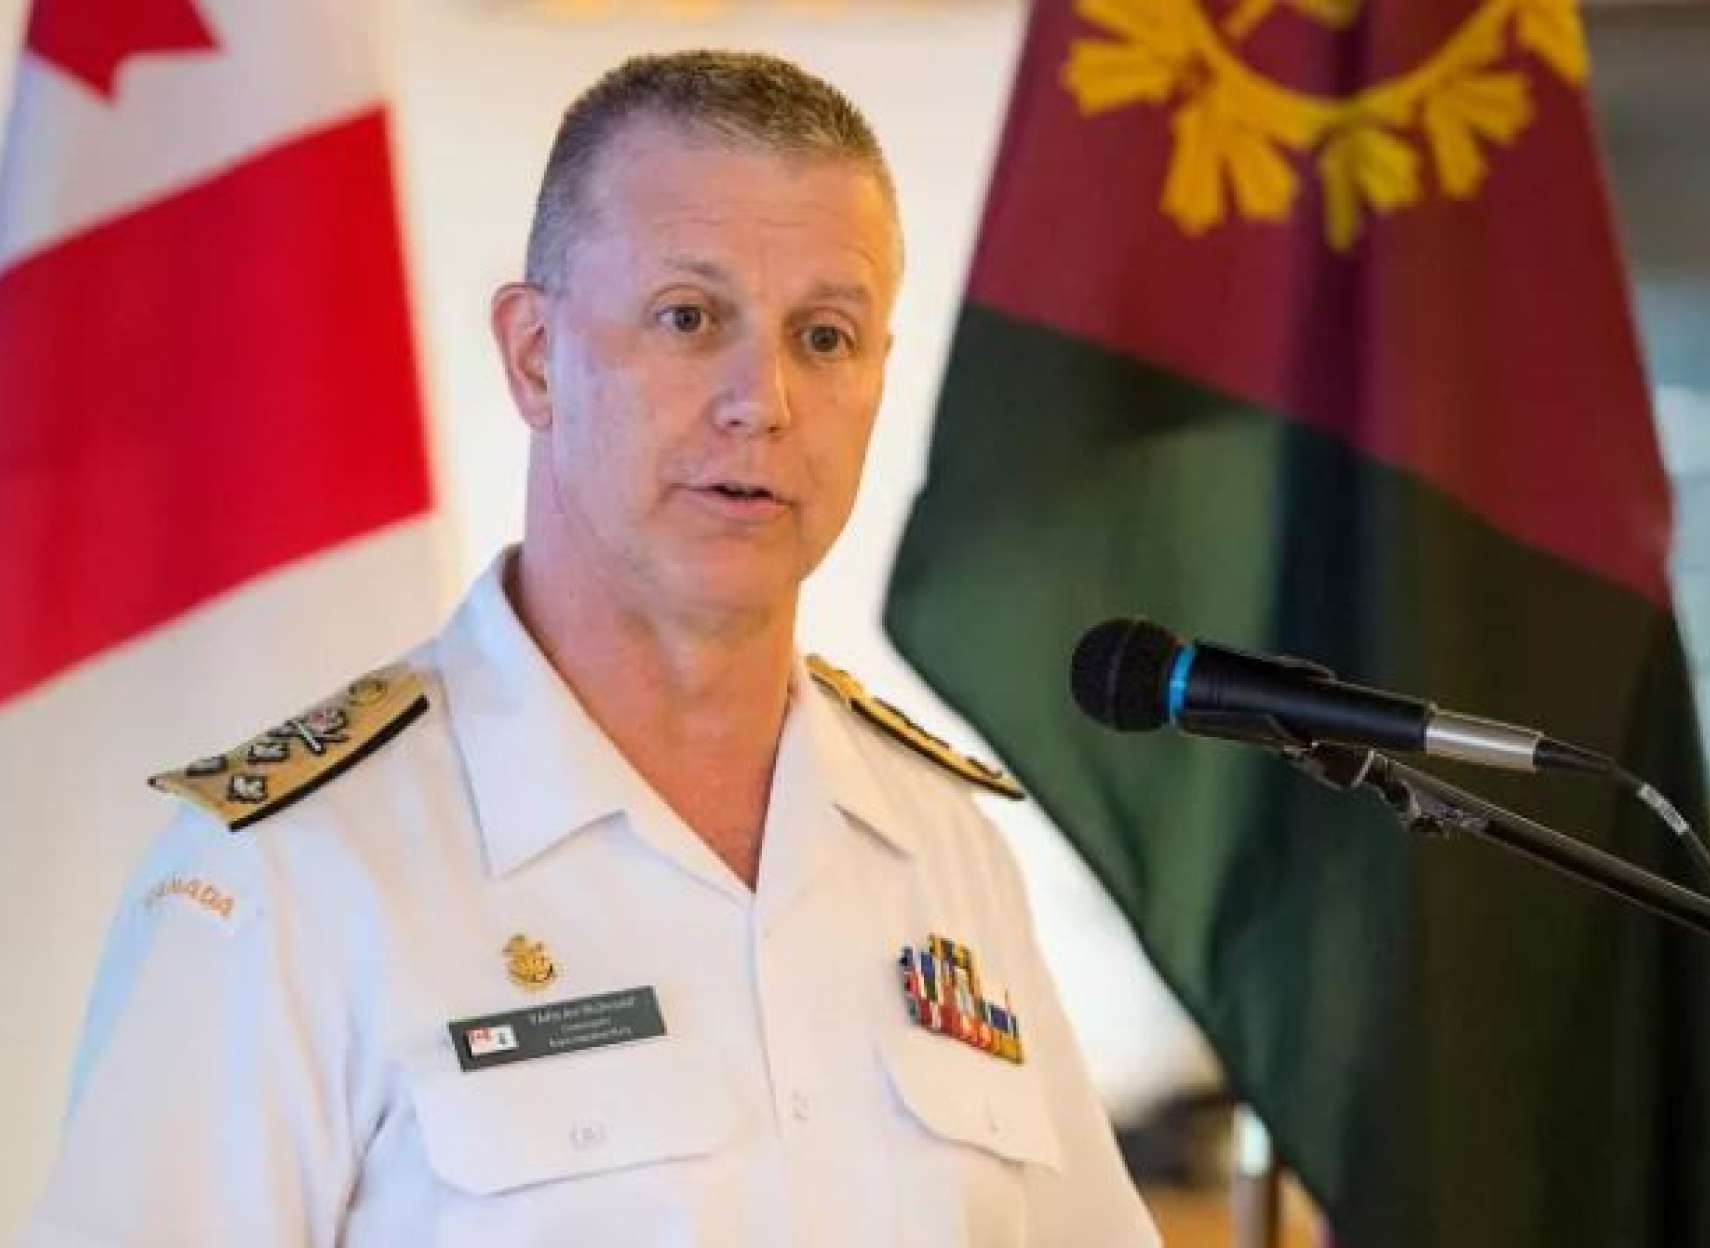 رئیس-جدید-ستاد-کل- ارتش- کانادا-هم-به-علت-مسائل-اخلاقی-پس-از-دو-ماه-استعفا-کرد-پرونده- اتهامات-جنسی-رئیس- پیشین- ستاد-کل-هنوز-در-حال-بررسی-است